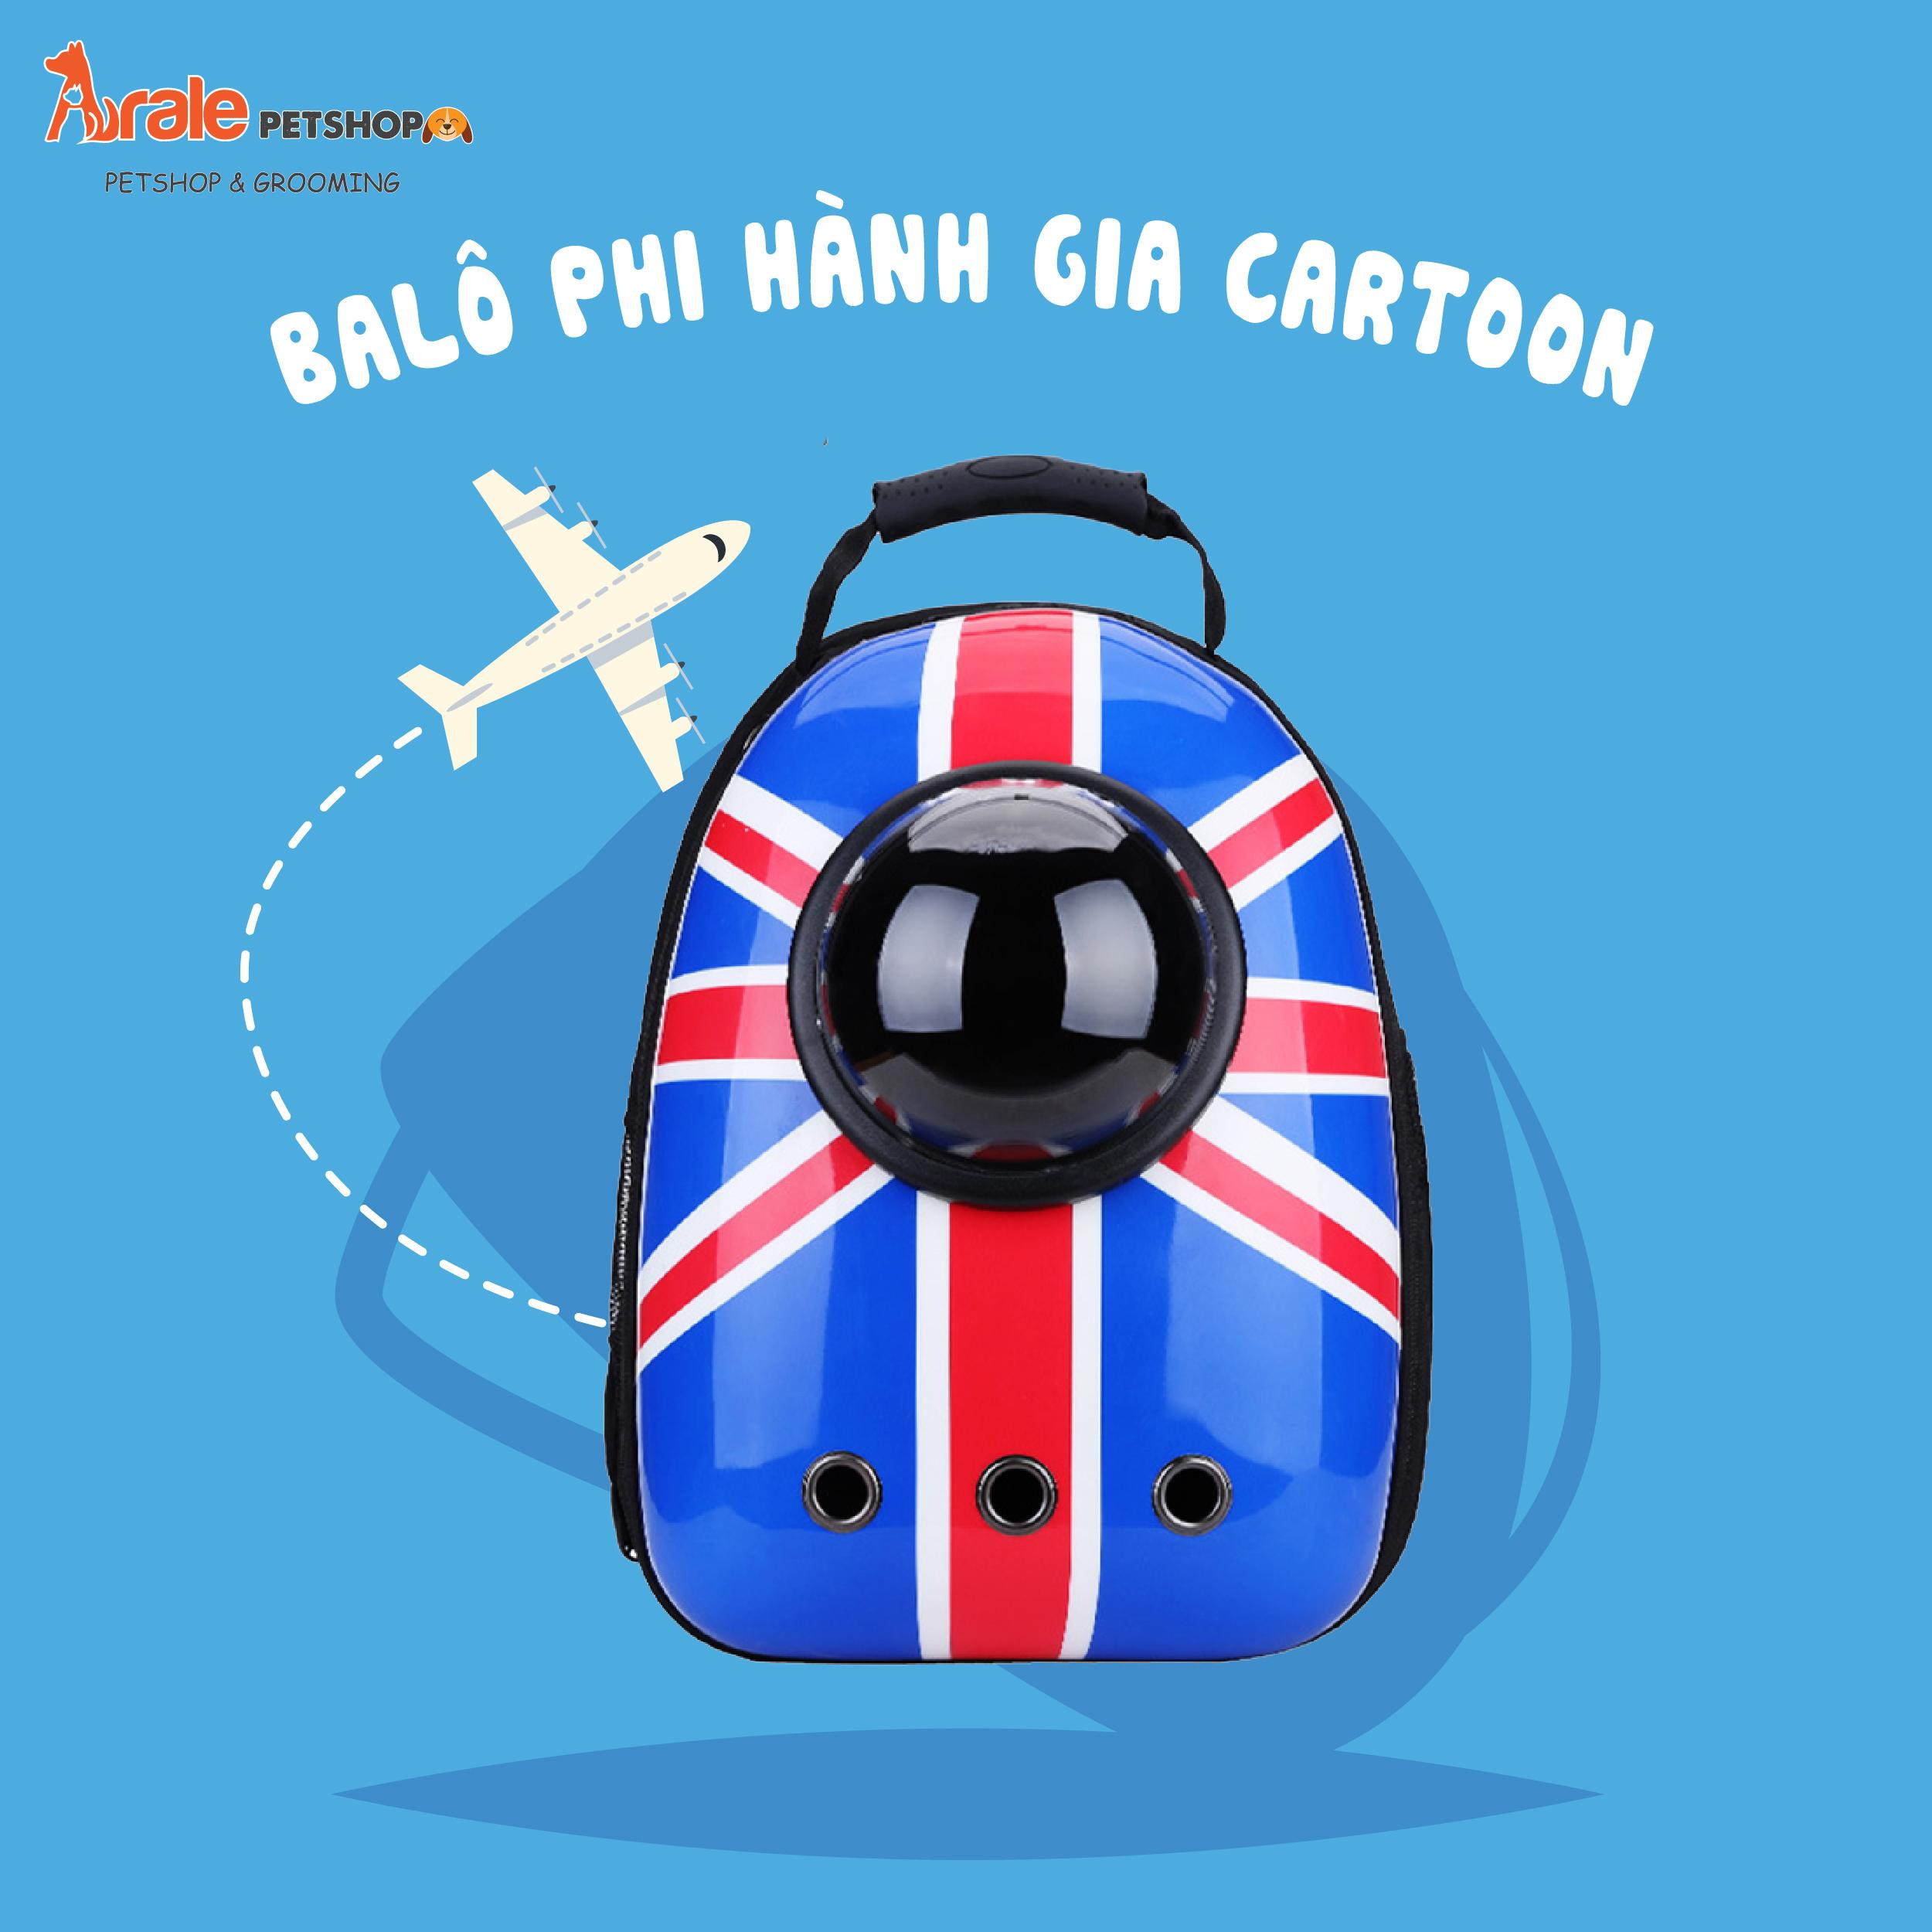 BALÔ PHI HÀNH GIA CARTOON